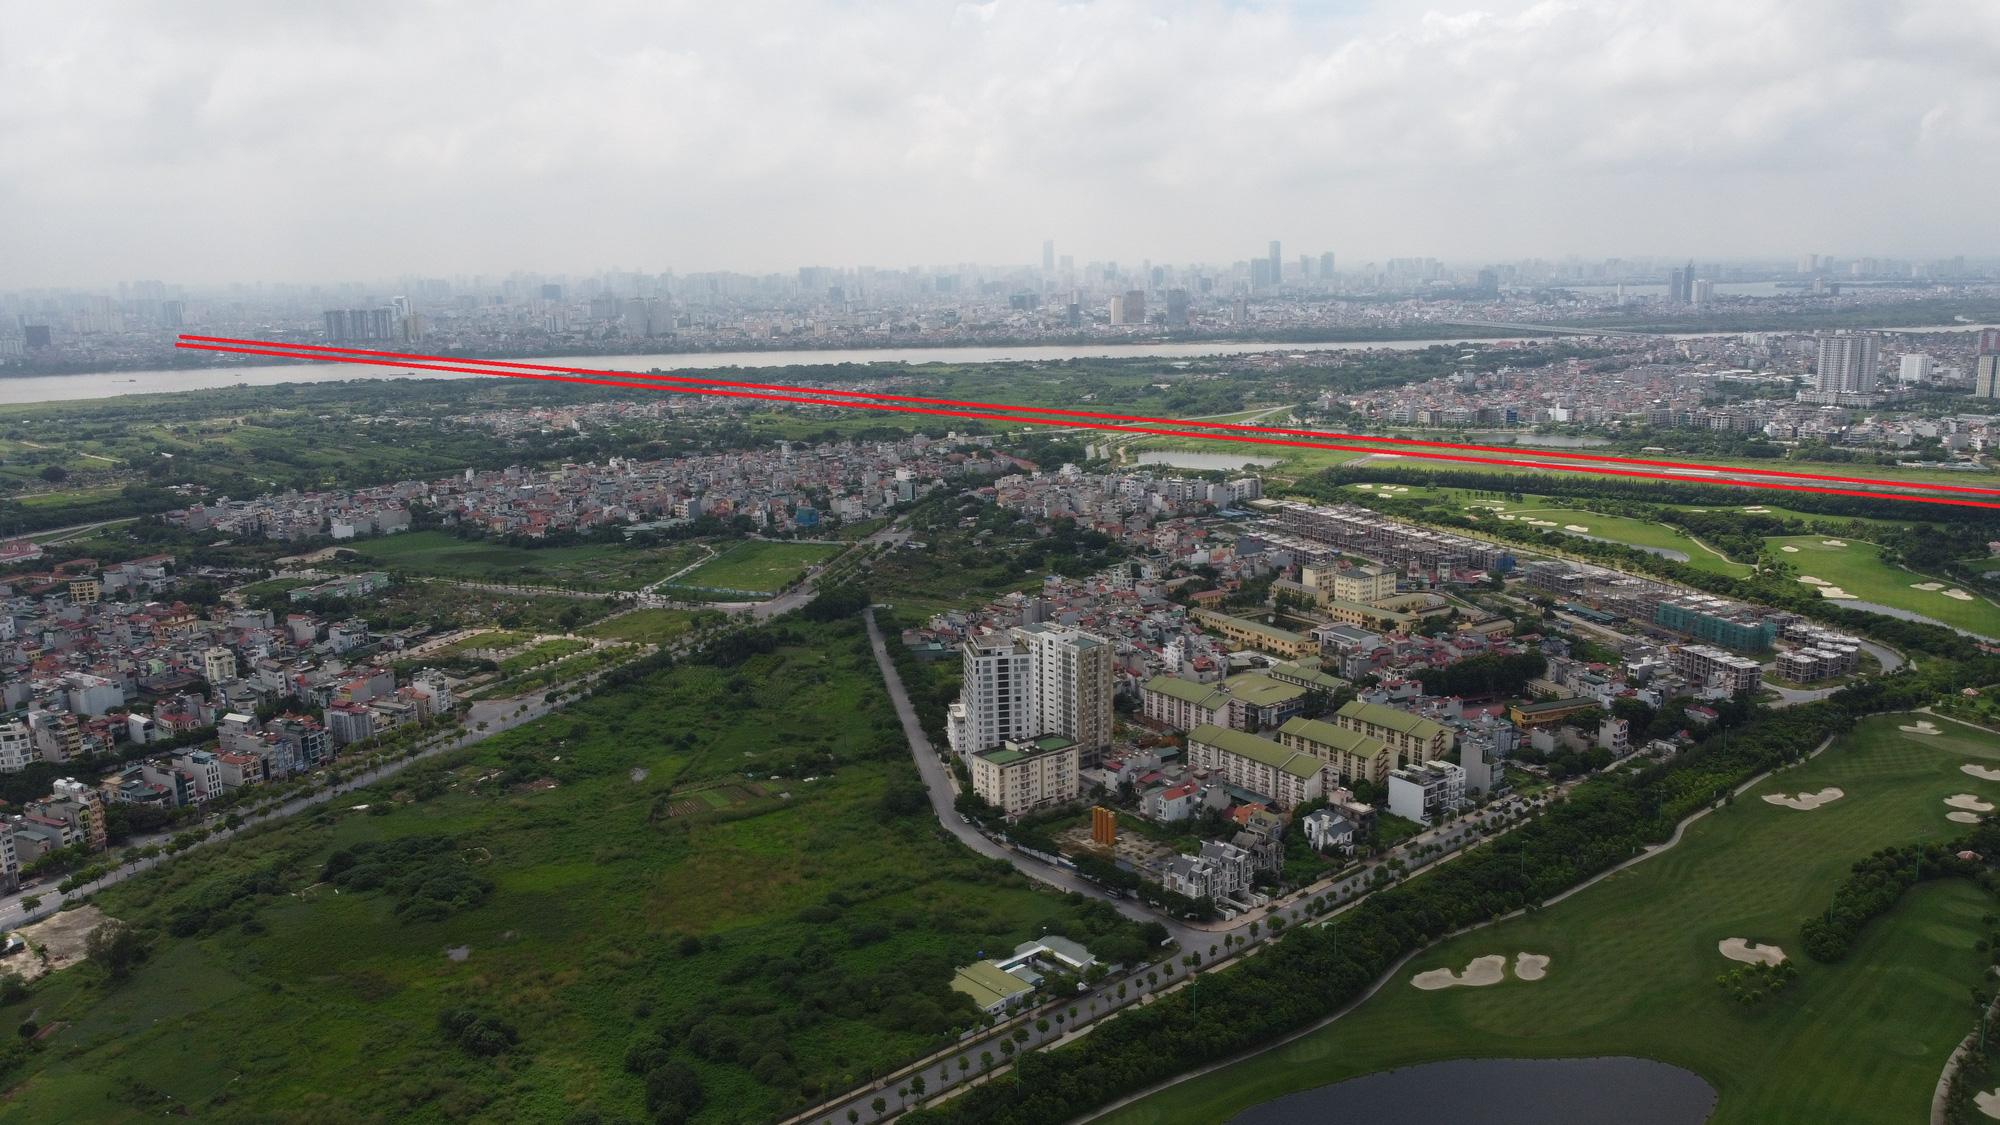 [Infographic] Ngoài cầu Trần Hưng Đạo, Hà Nội sẽ xây thêm bao nhiêu cầu vượt sông Hồng? - Ảnh 1.